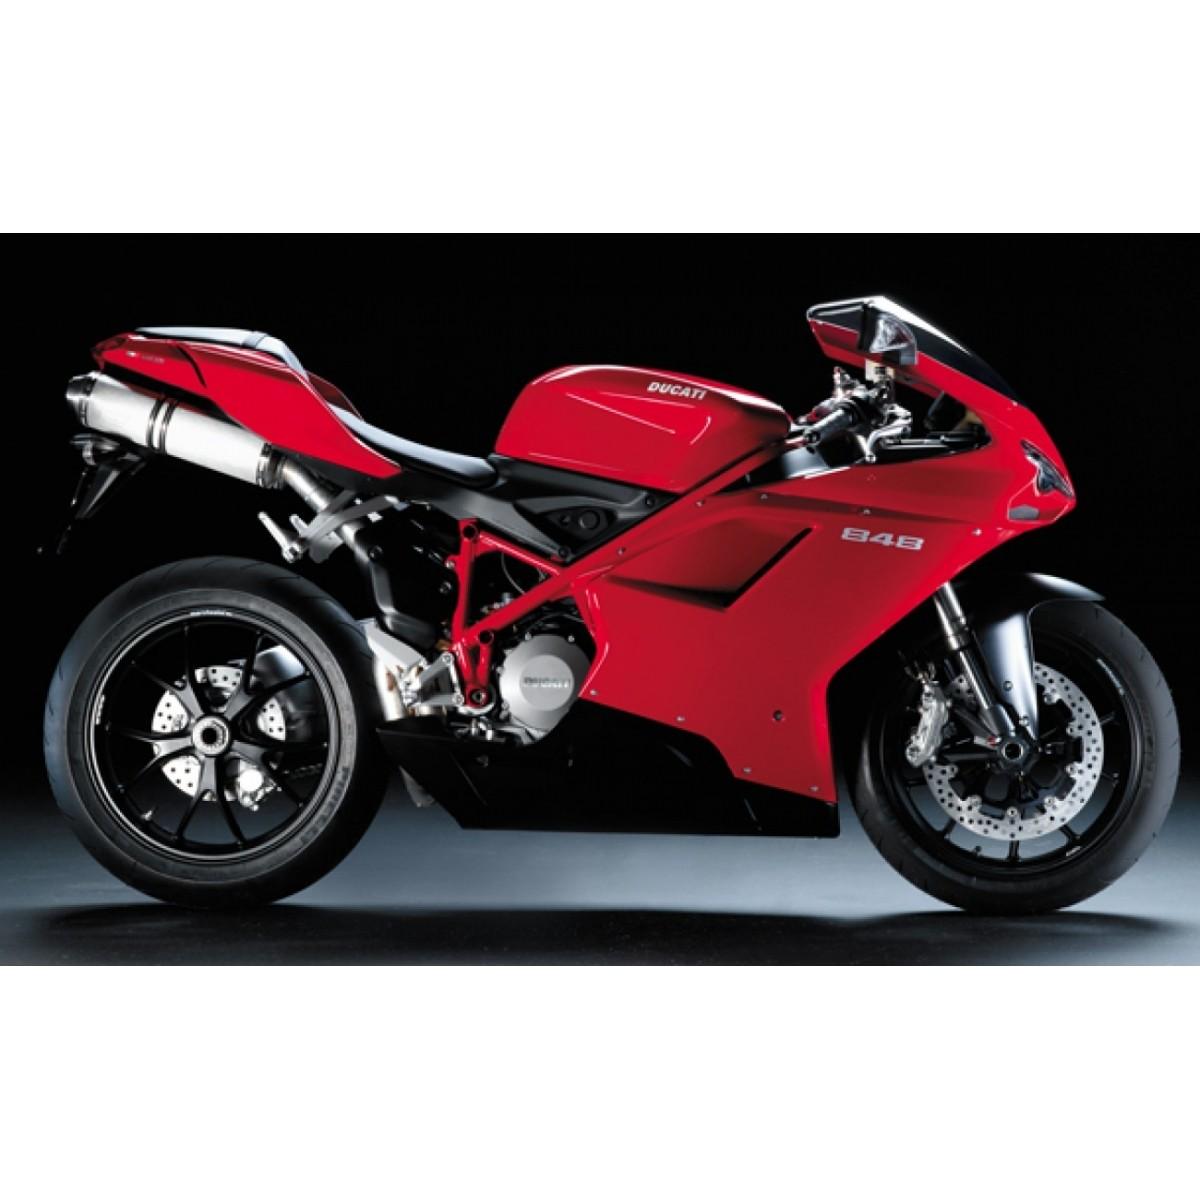 Kit Adesivos Ducati 848 Vermelha Decalx